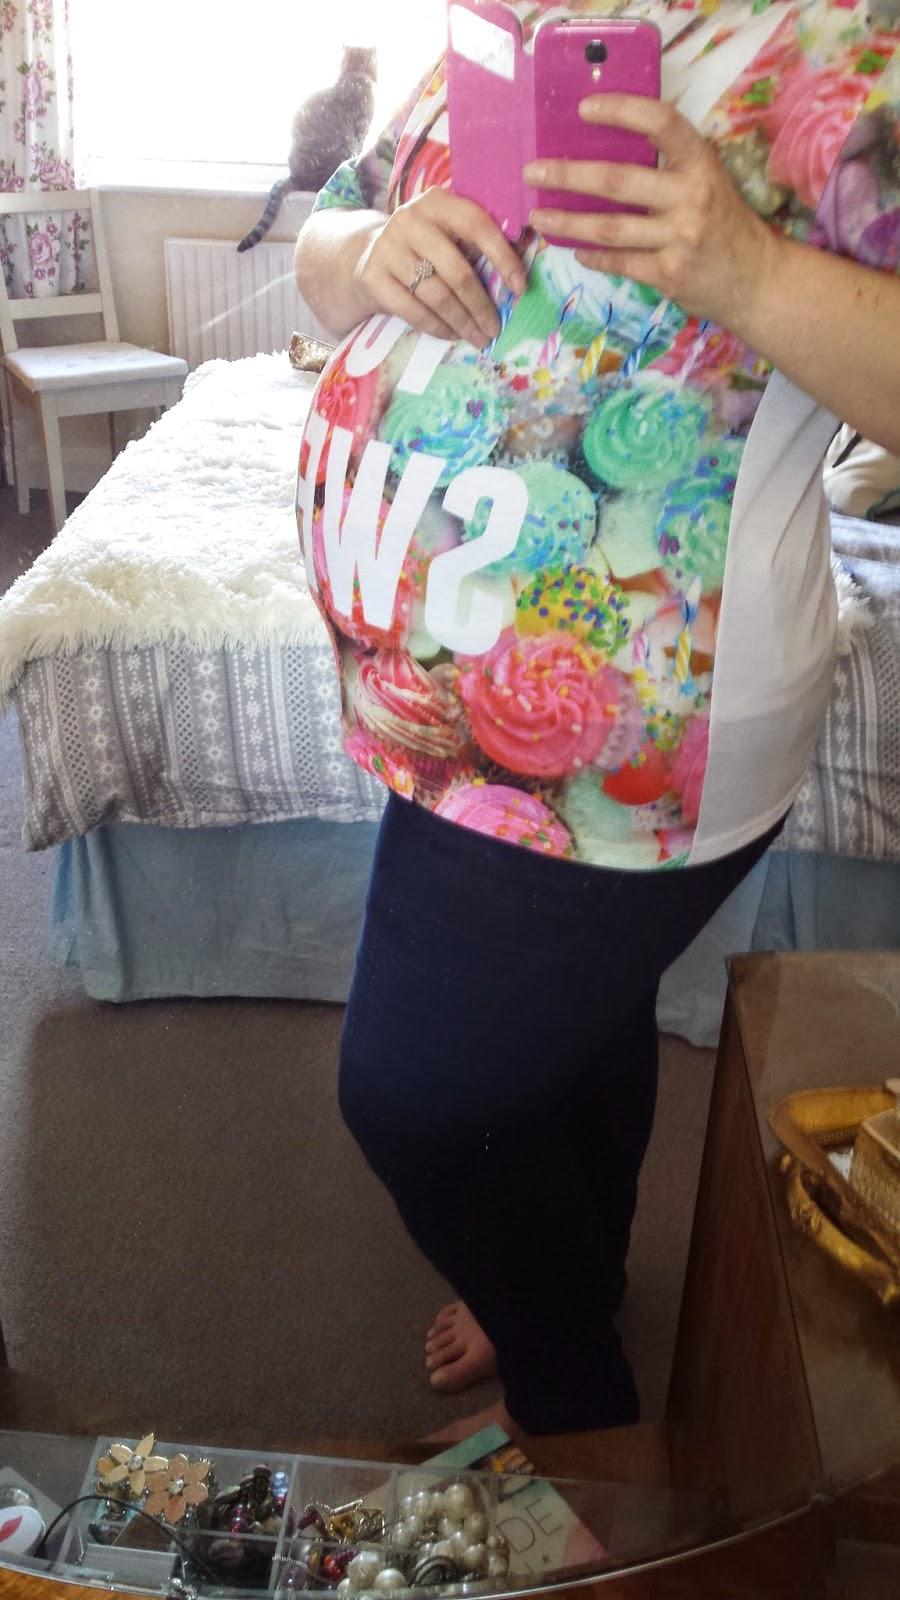 My Pregnancy: Week 26